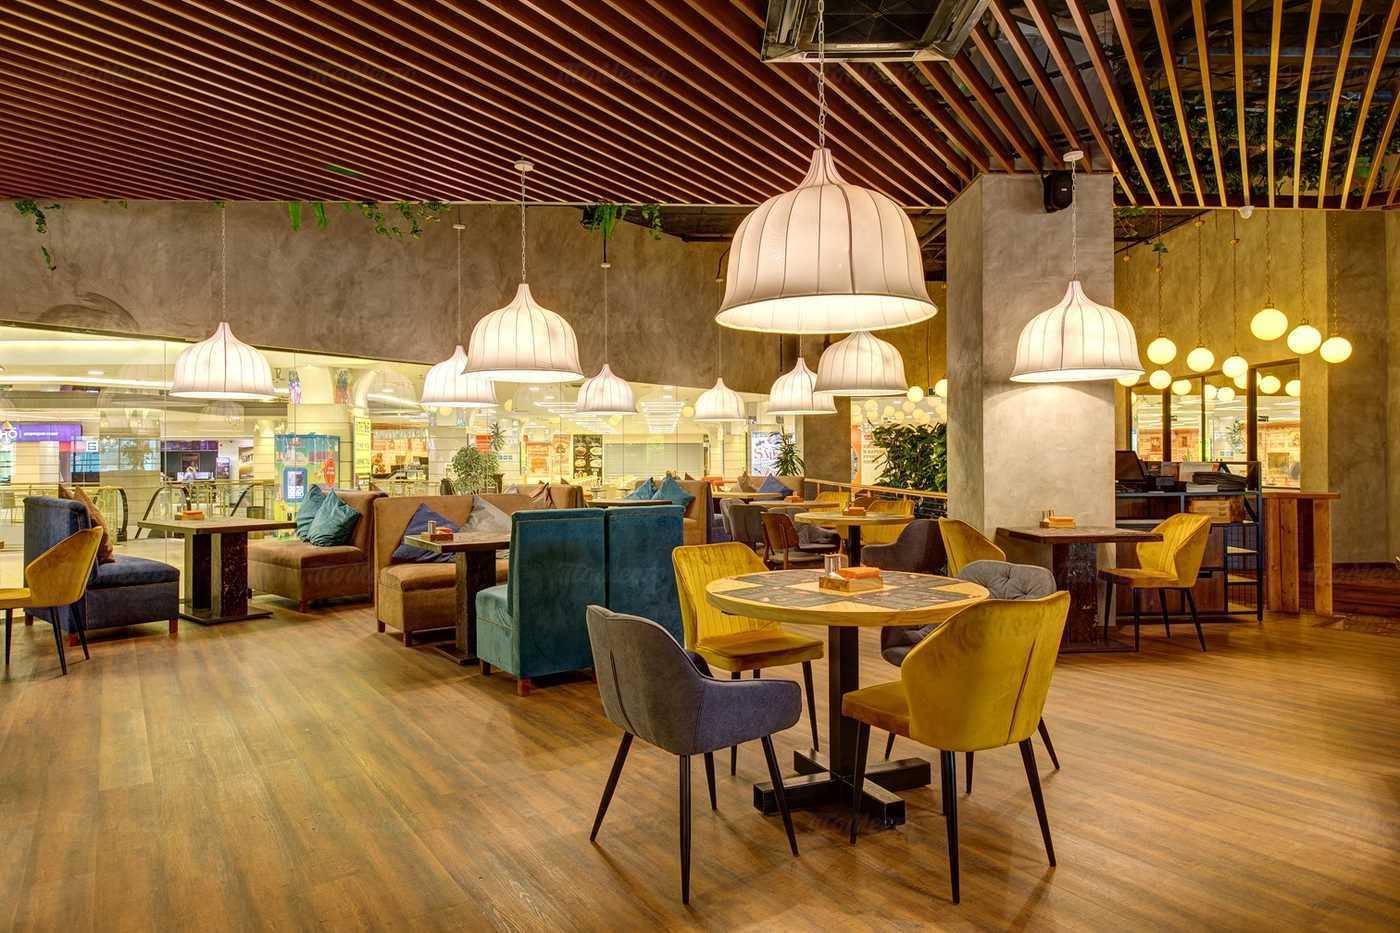 Ресторан Батат на Заневском пр.  фото 2